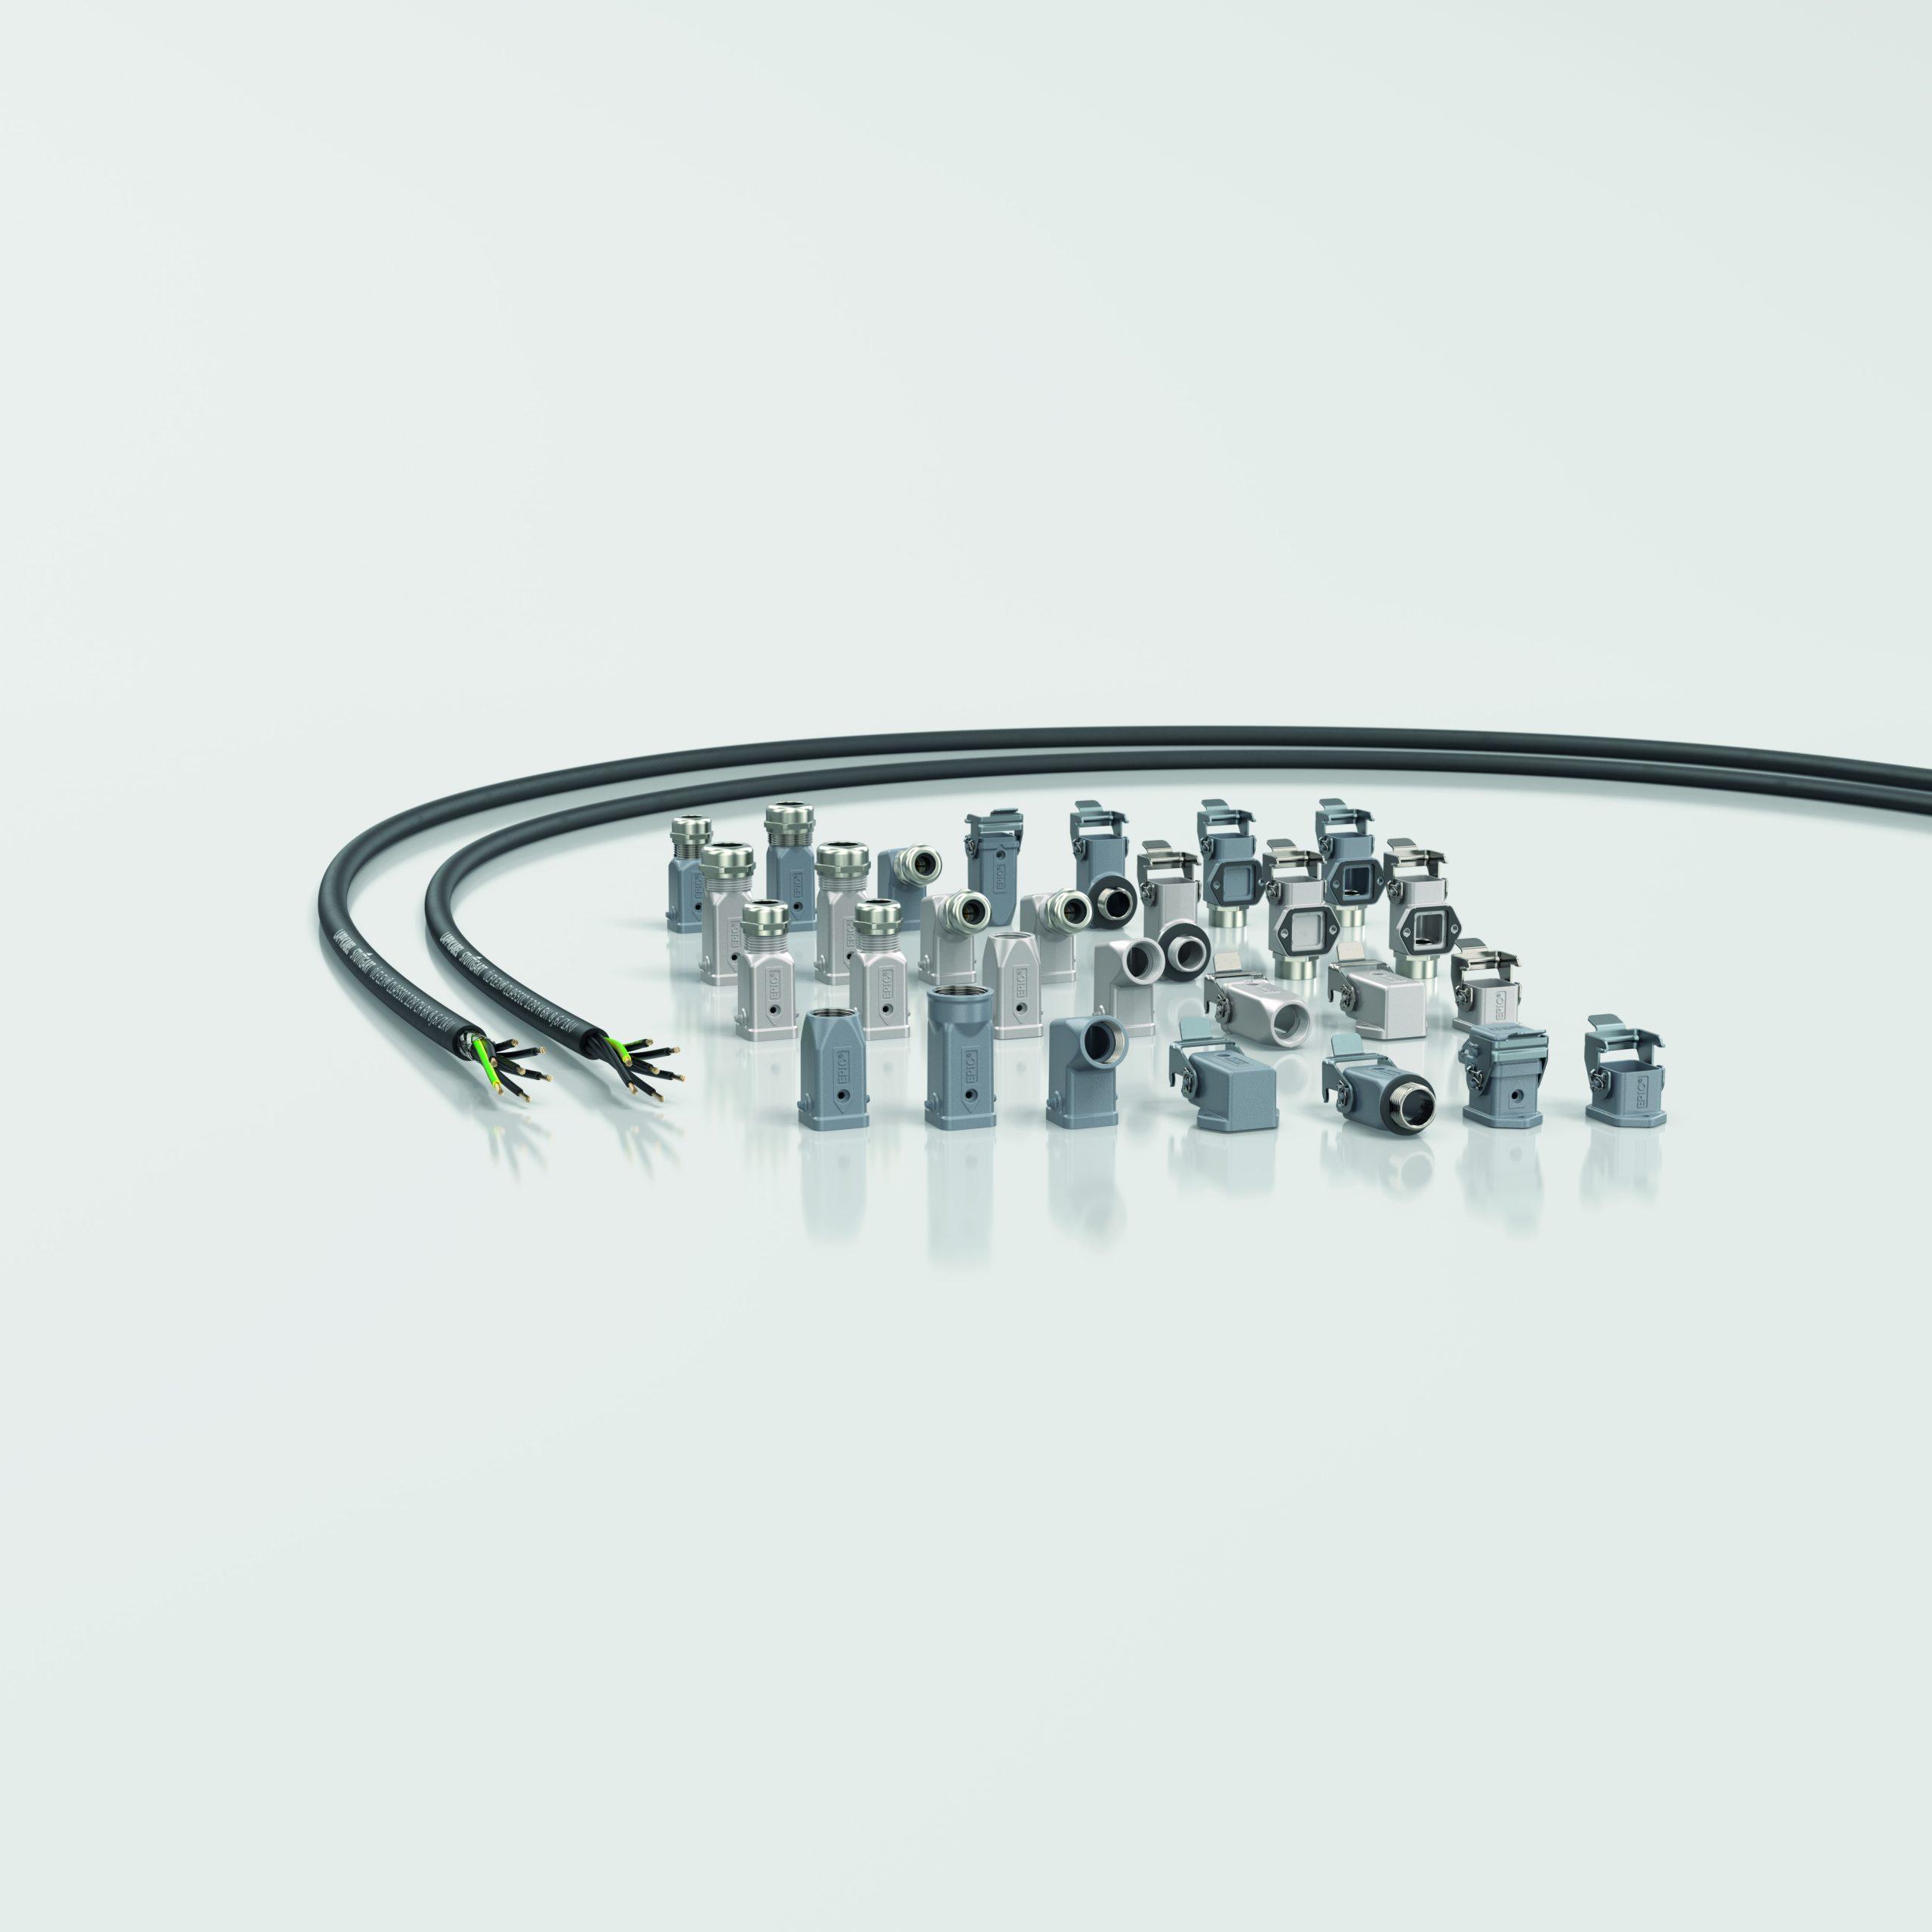 Steckverbinder und Leitungen für den Schaltschrank